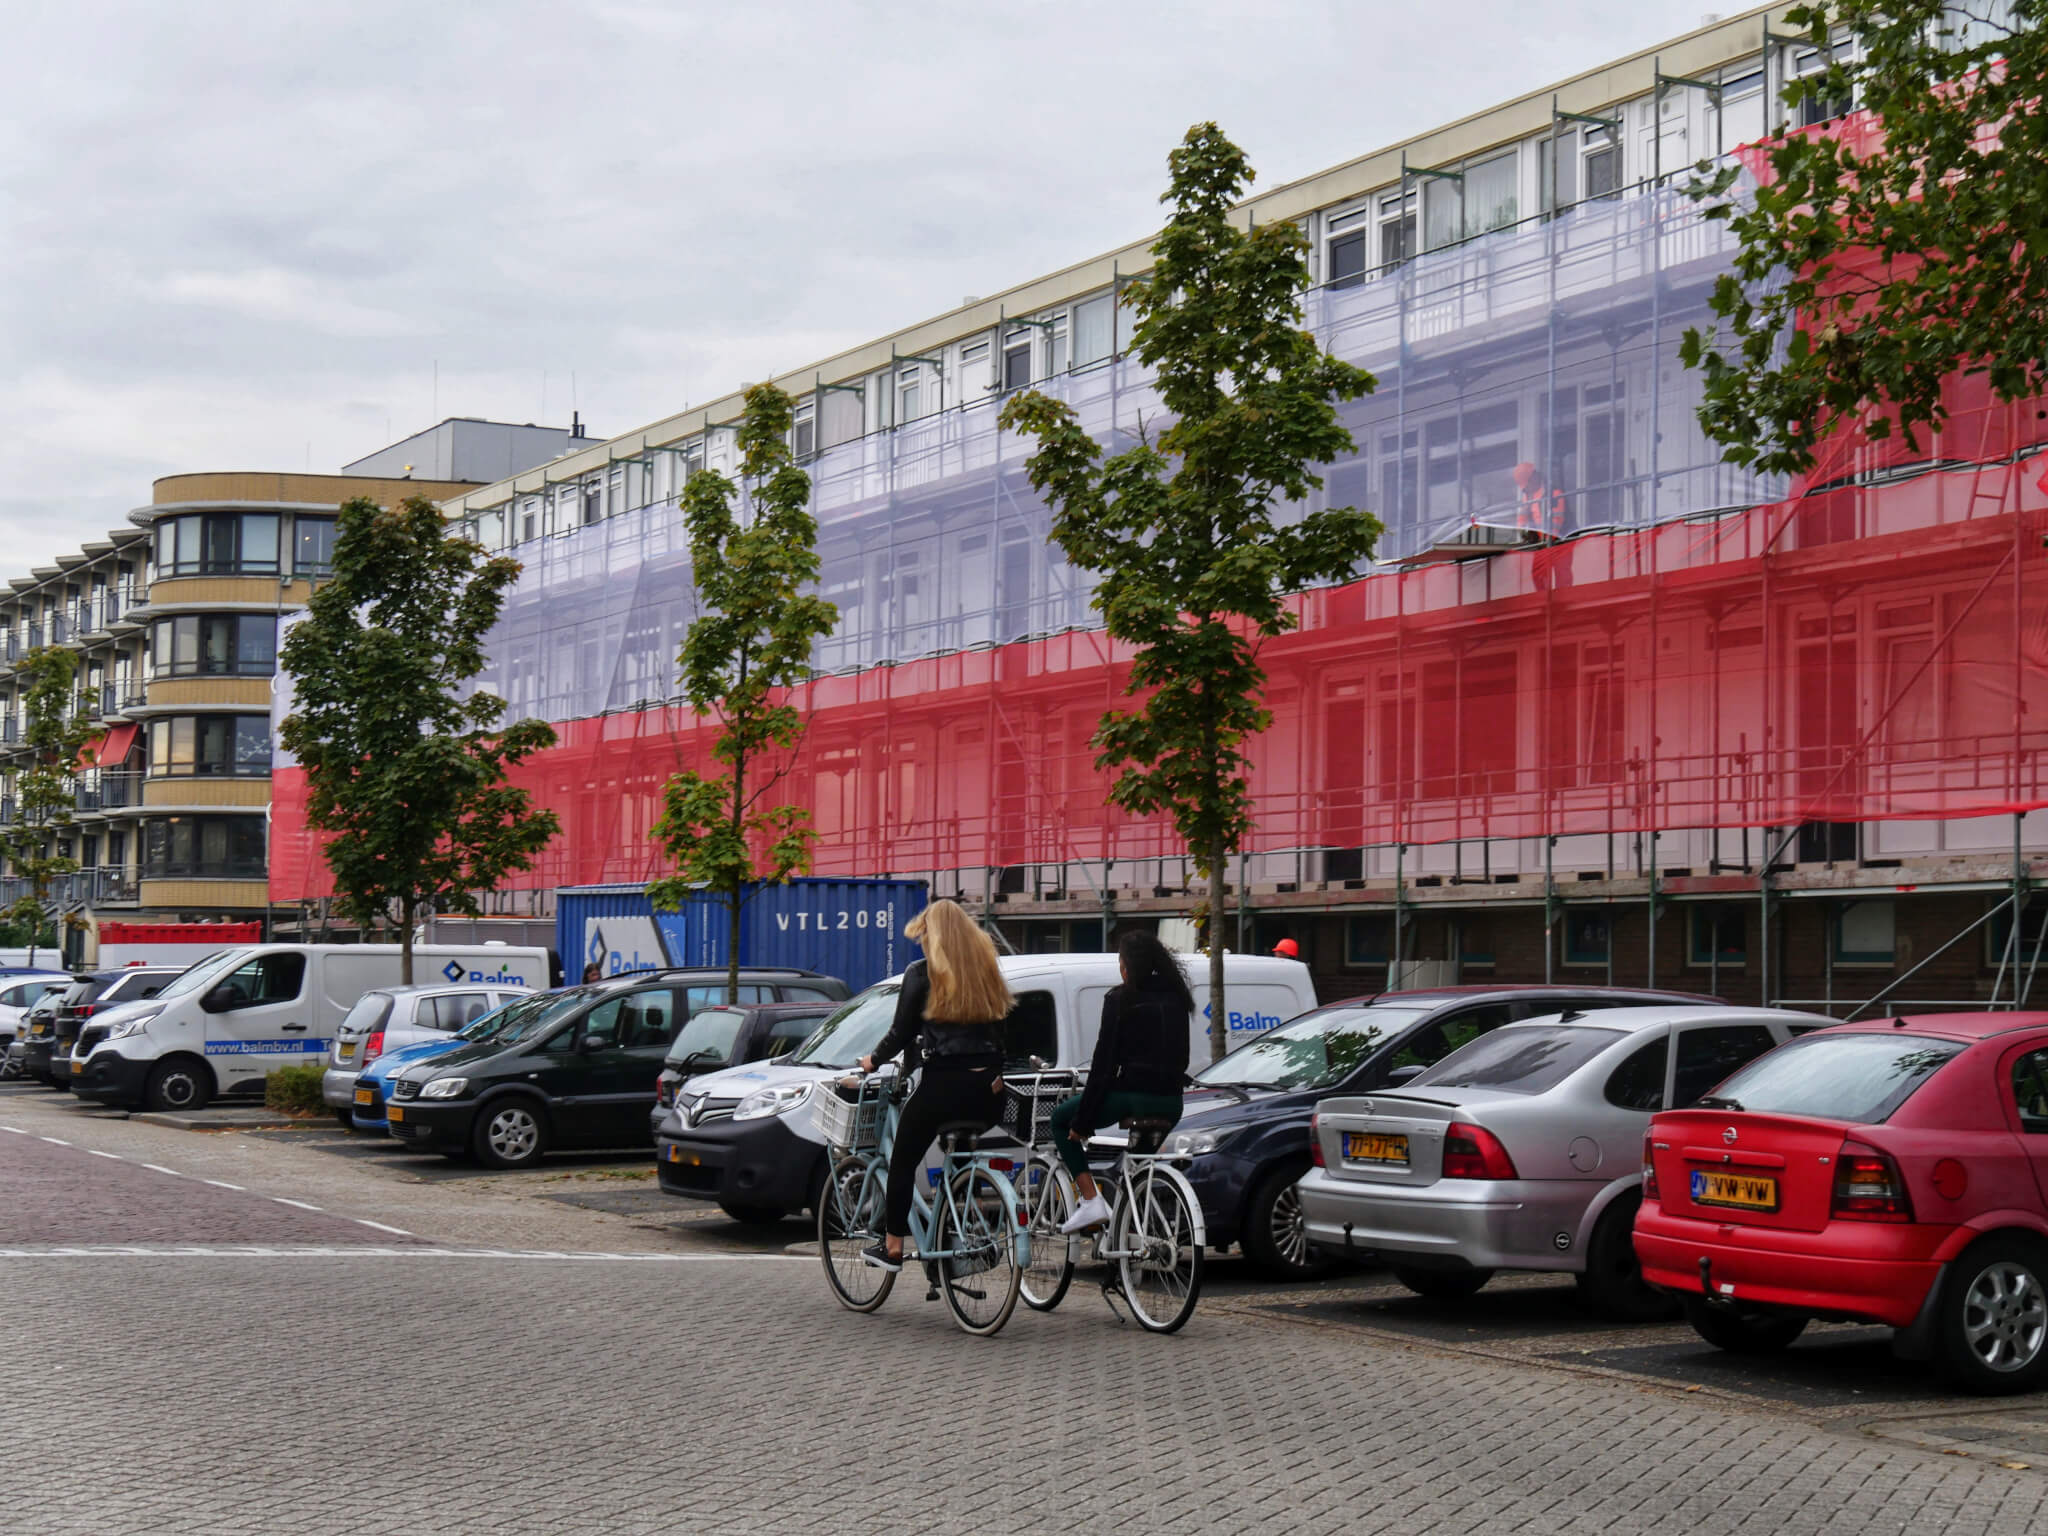 Verduurzaming 153 appartementen Breukelen